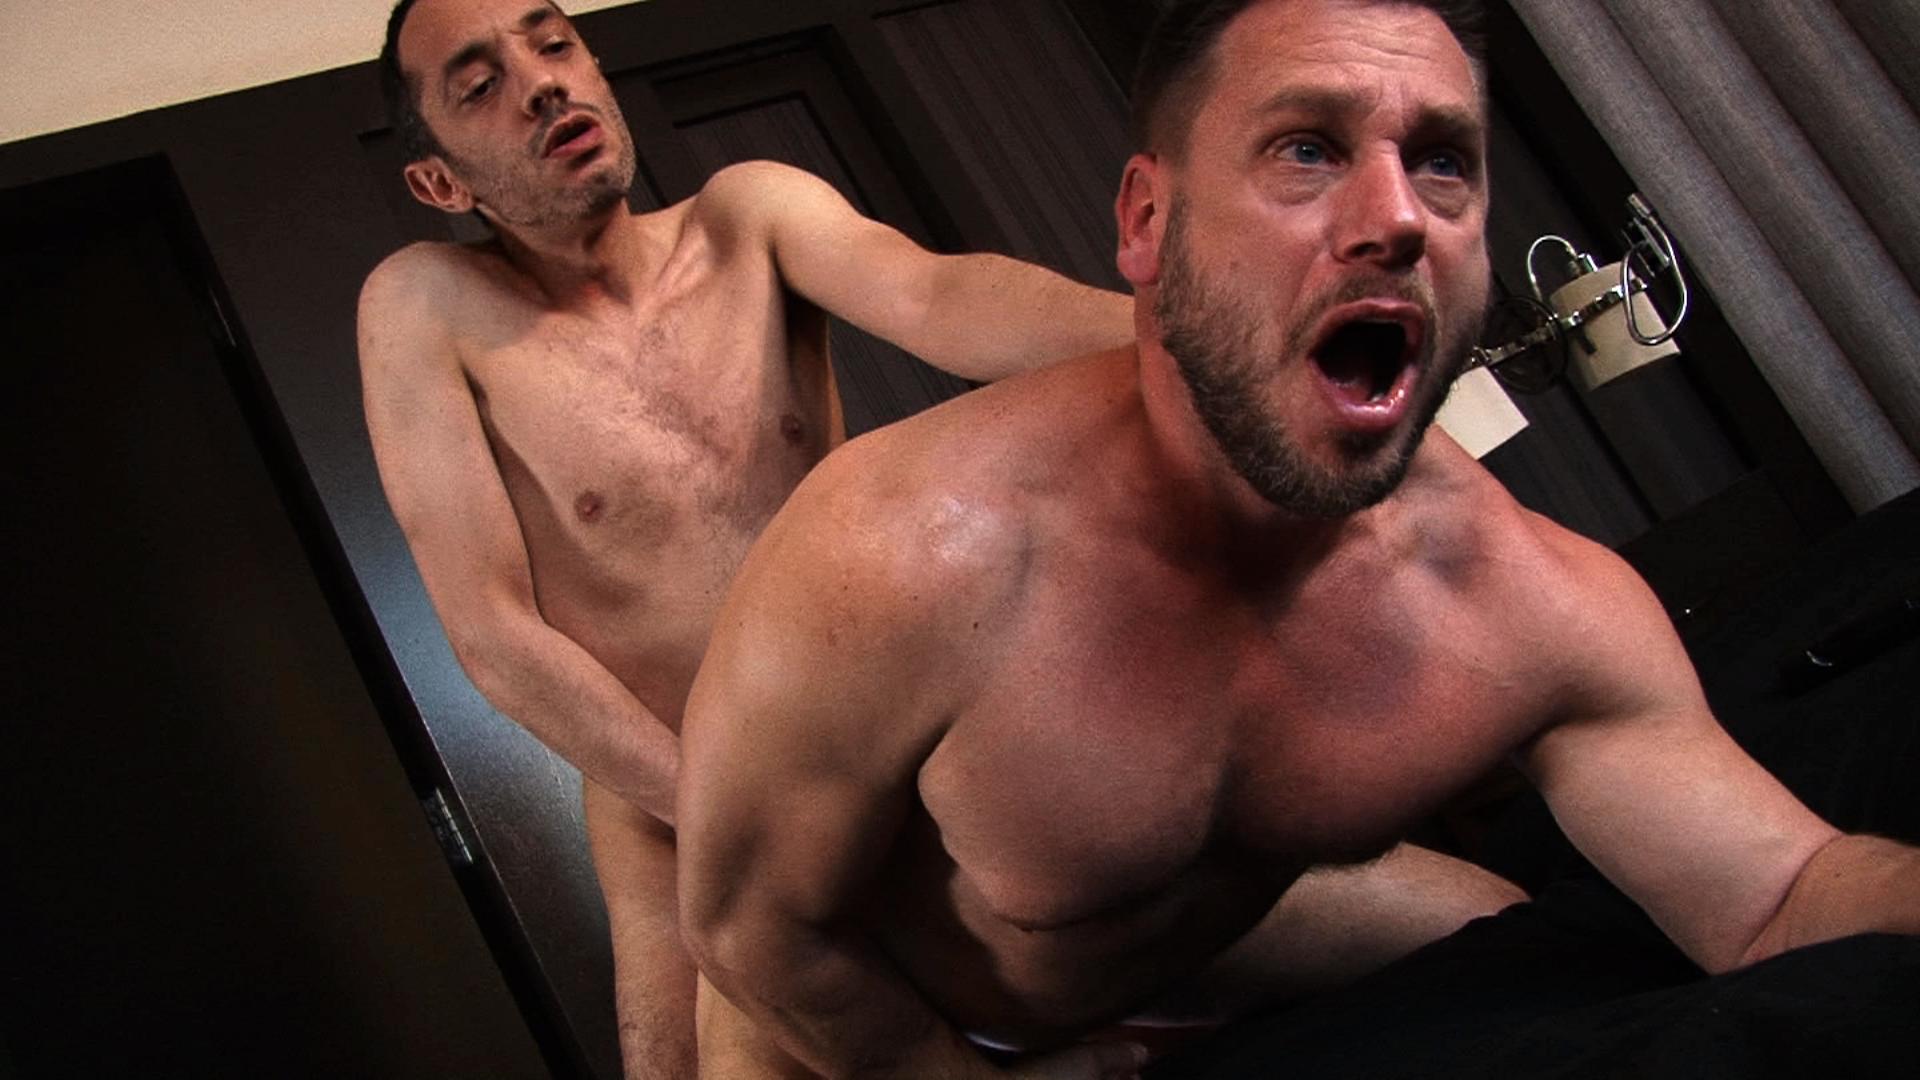 Gay action videos